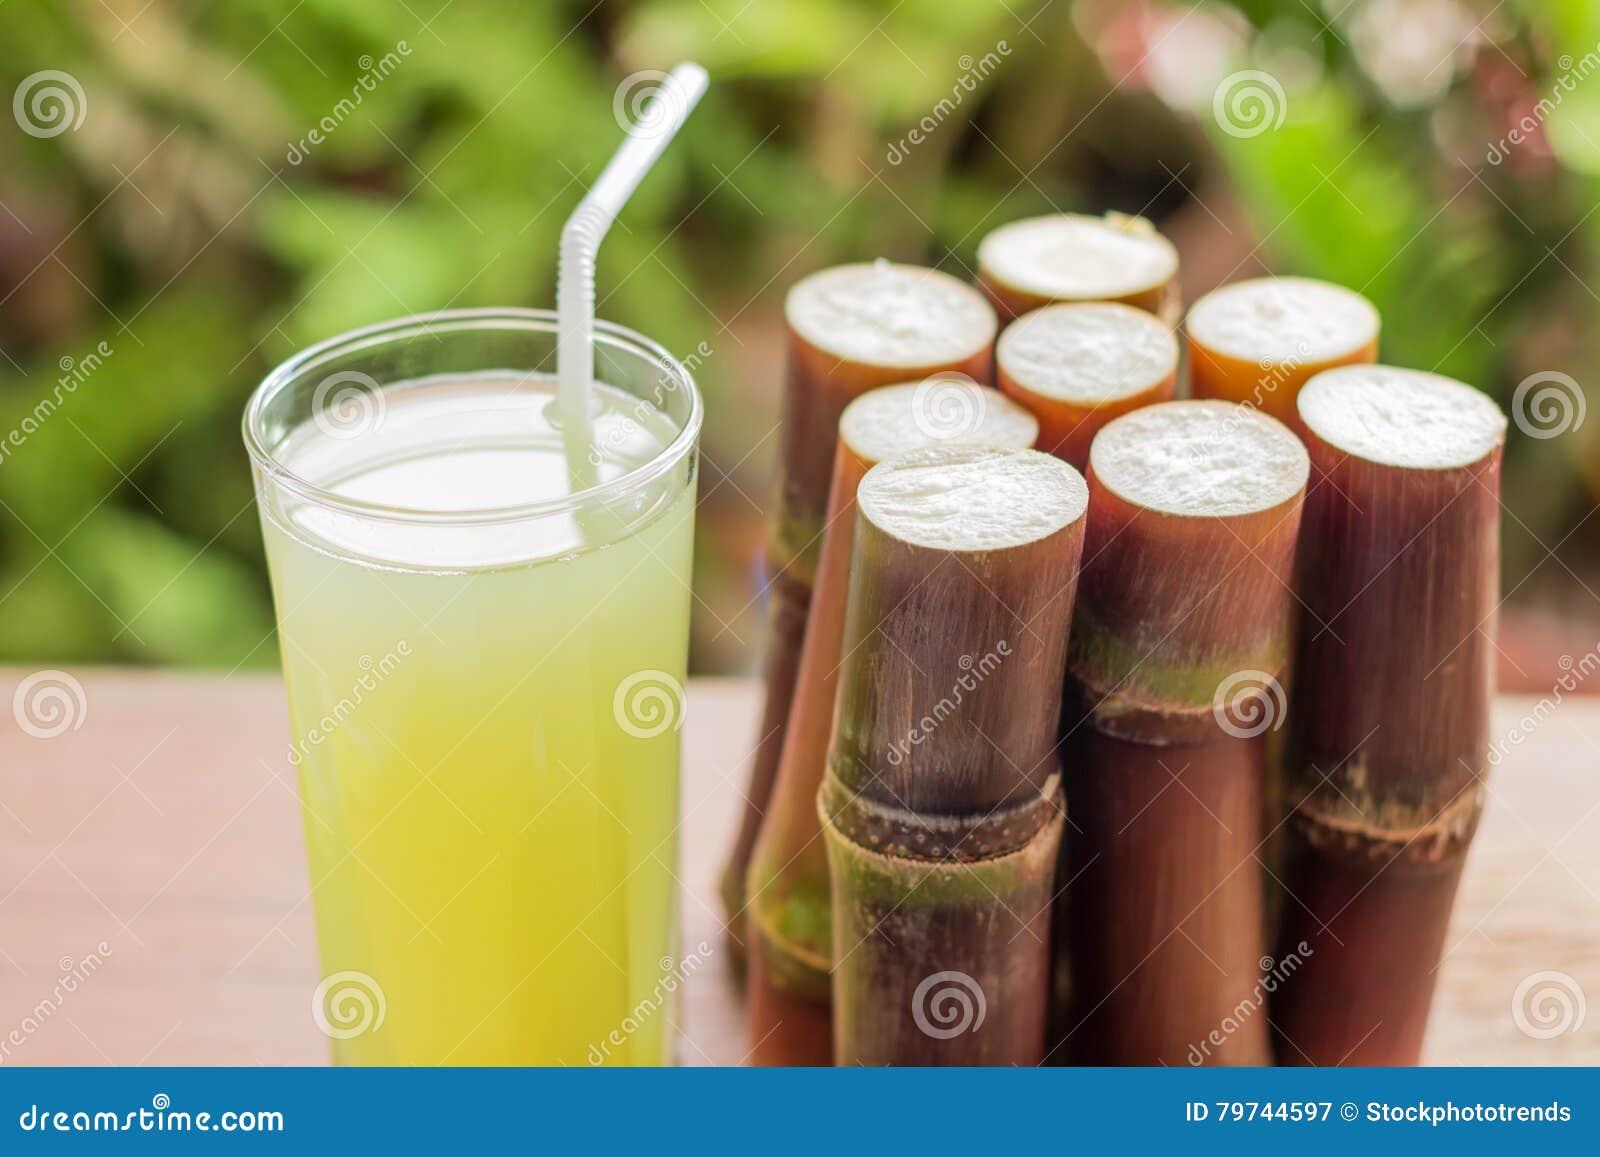 Jugo fresco para una dieta del detox - frutas orgánicas de la caña de azúcar en woode